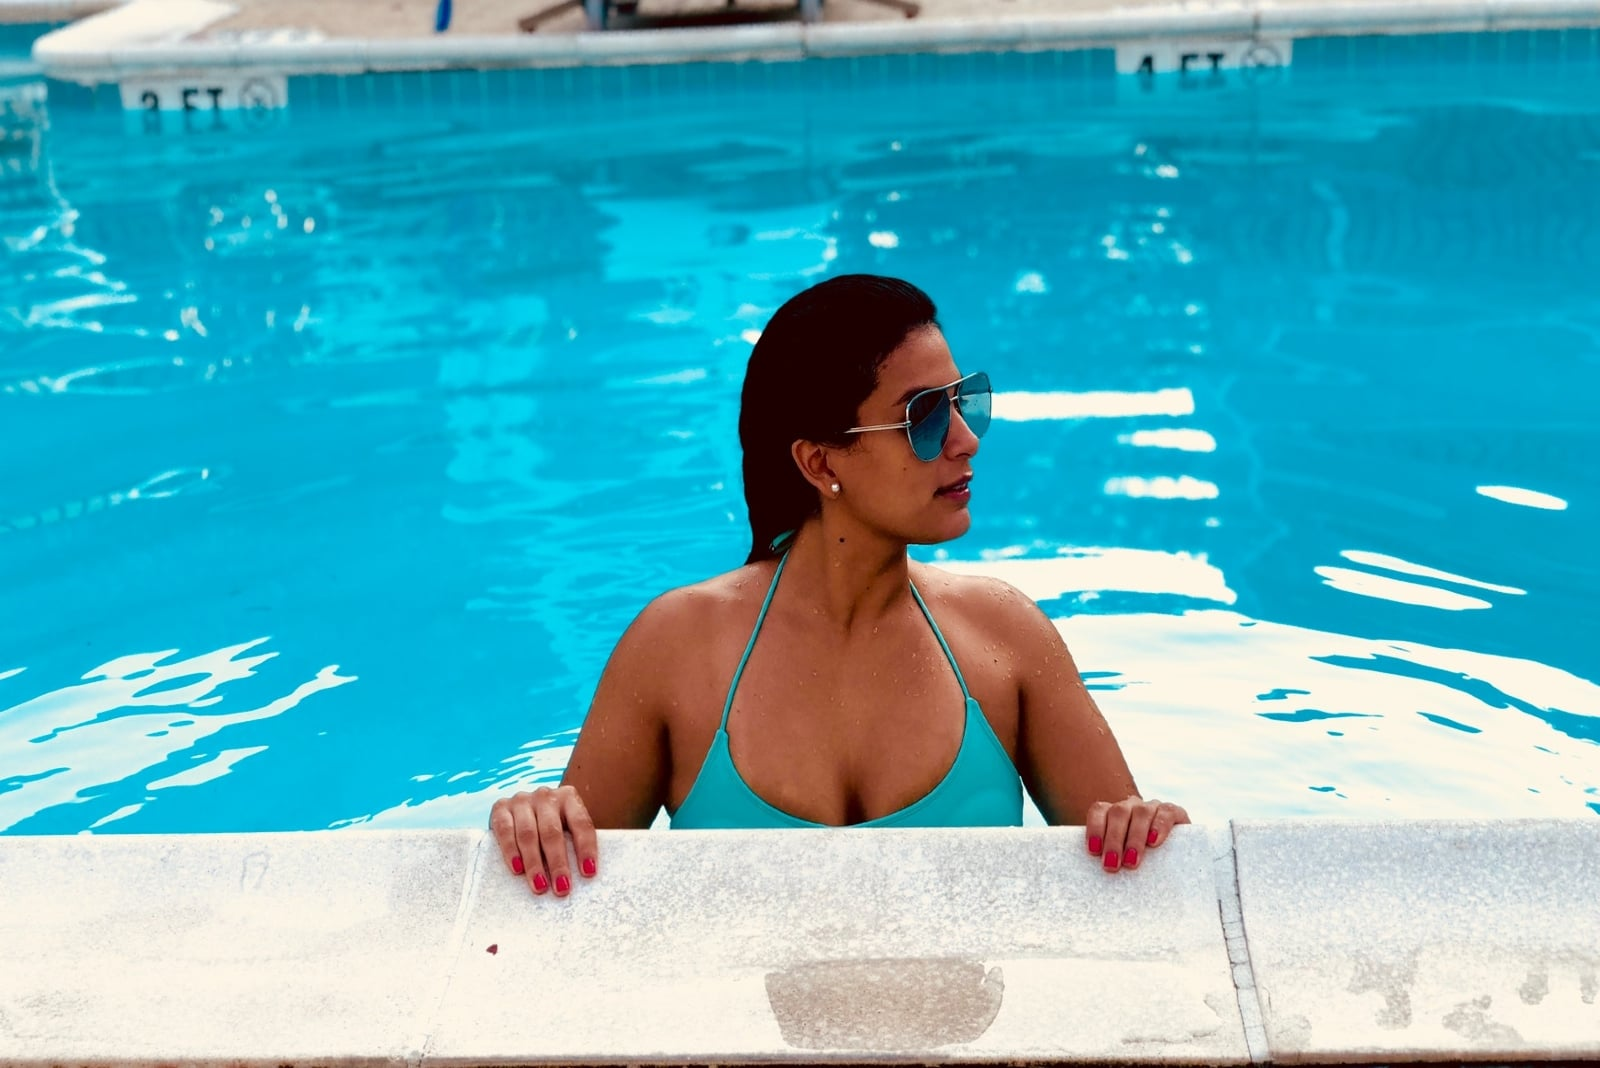 woman in blue bikini relaxing in pool